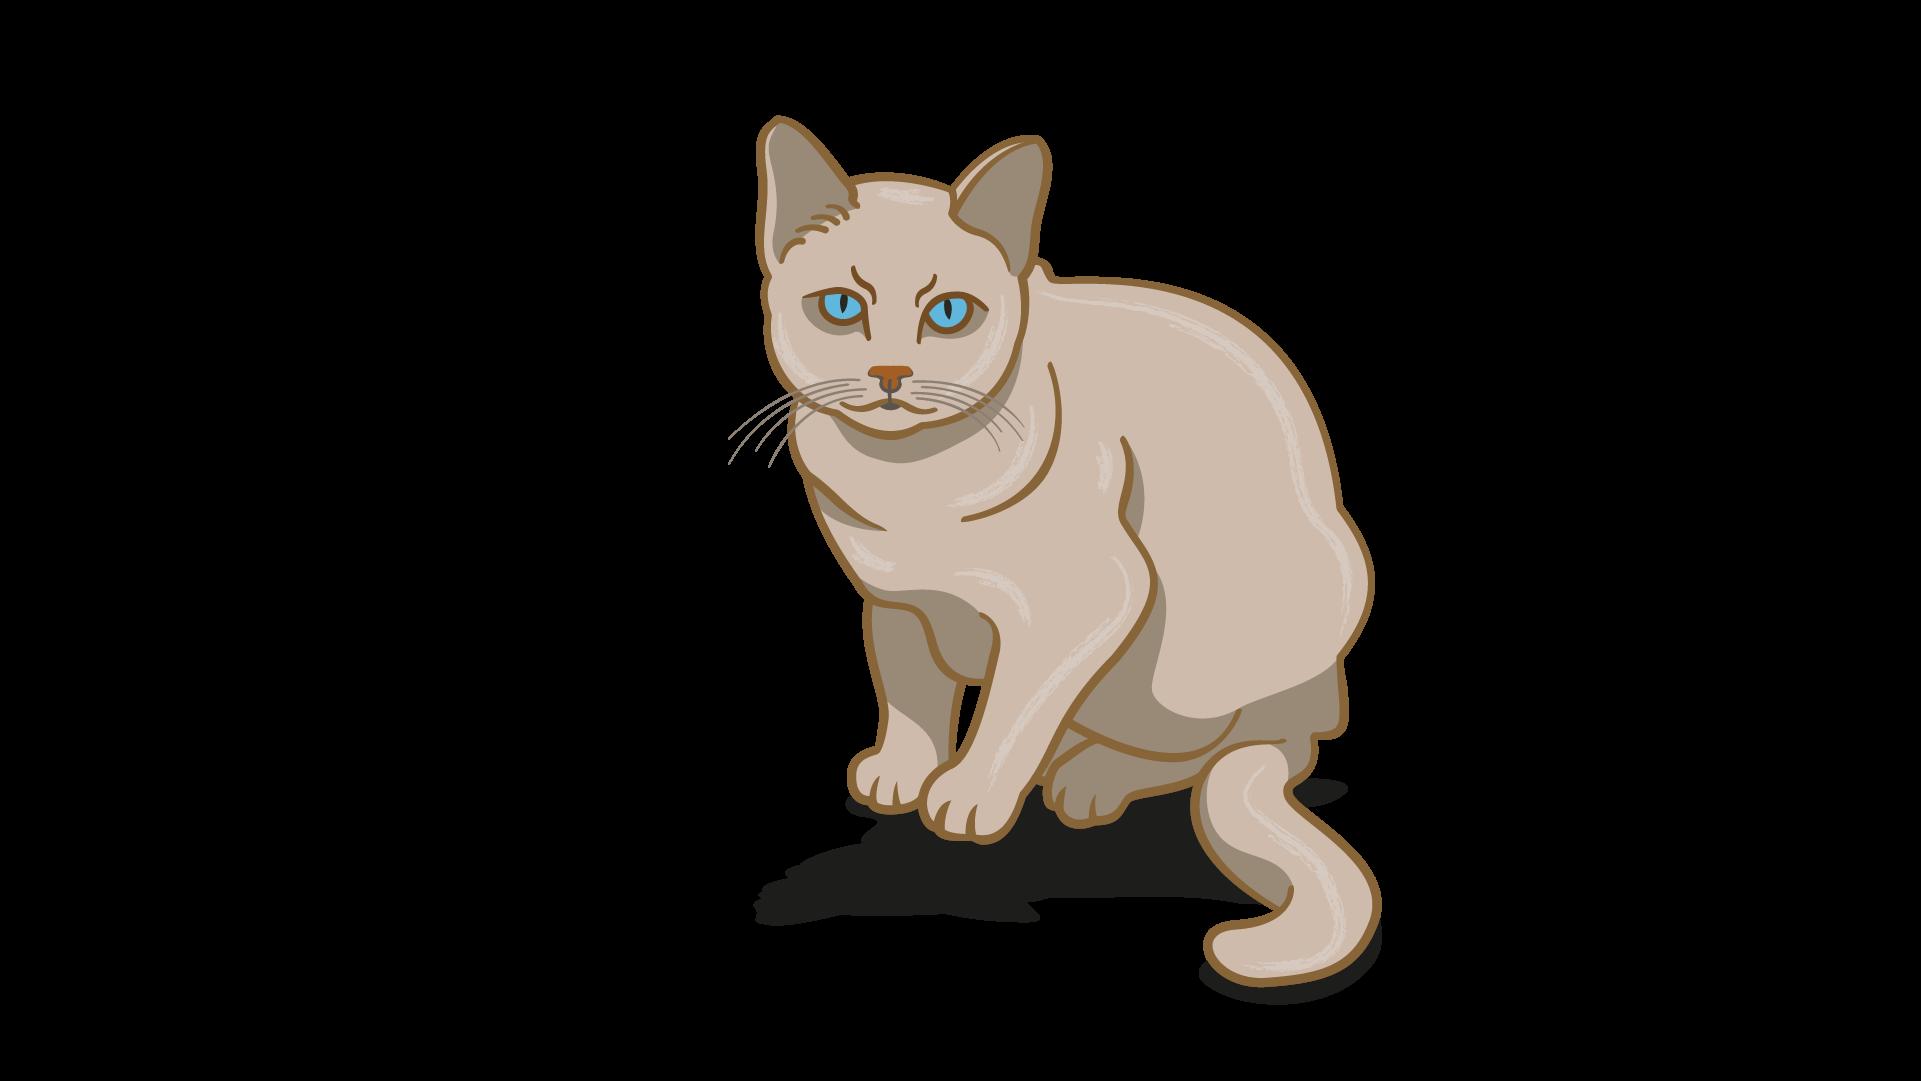 lenguaje corporal frustrado del gato